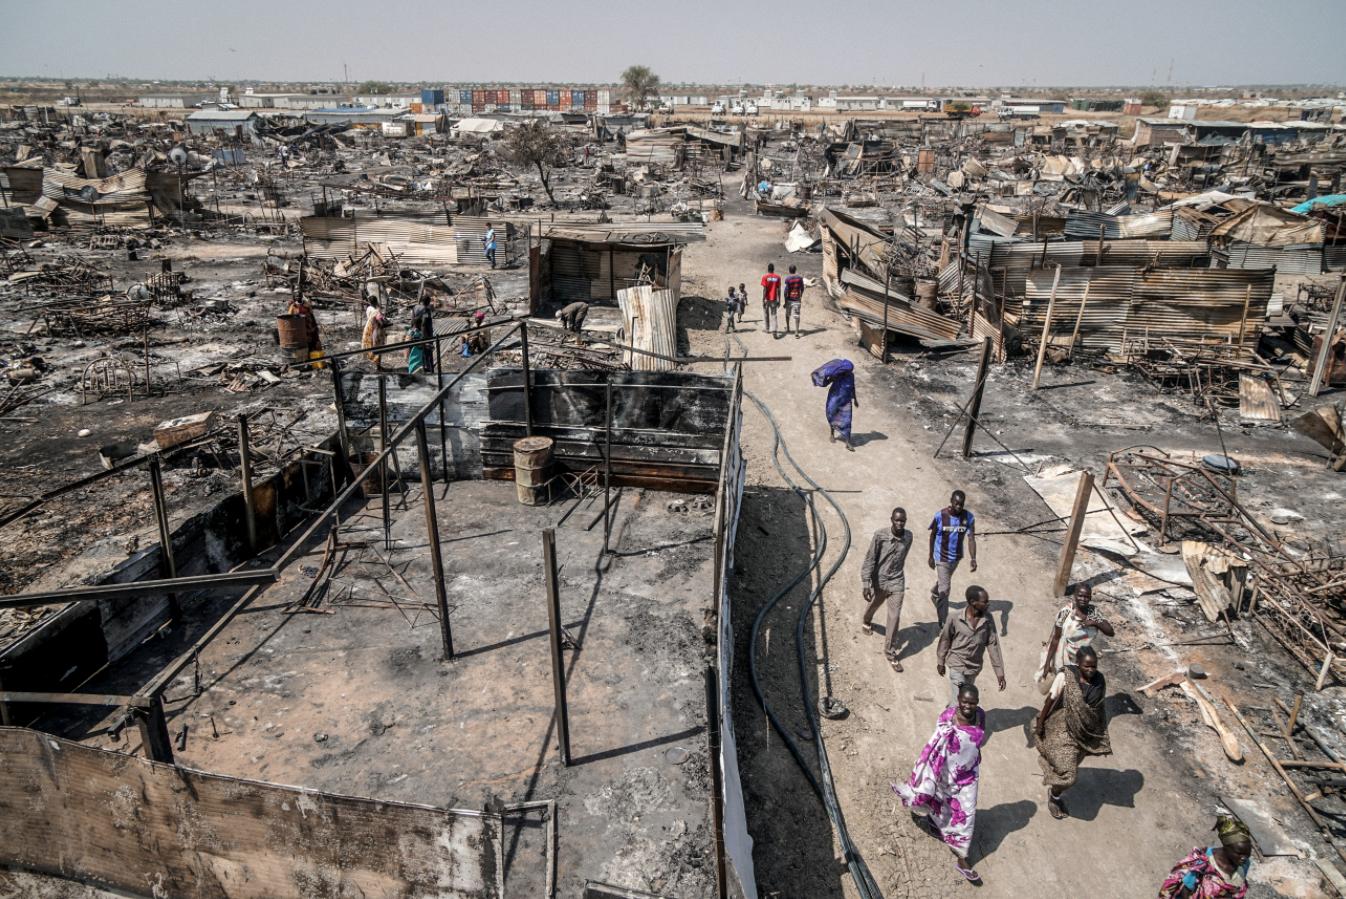 Розруха в Південному Судані після закінчення громадянської війни